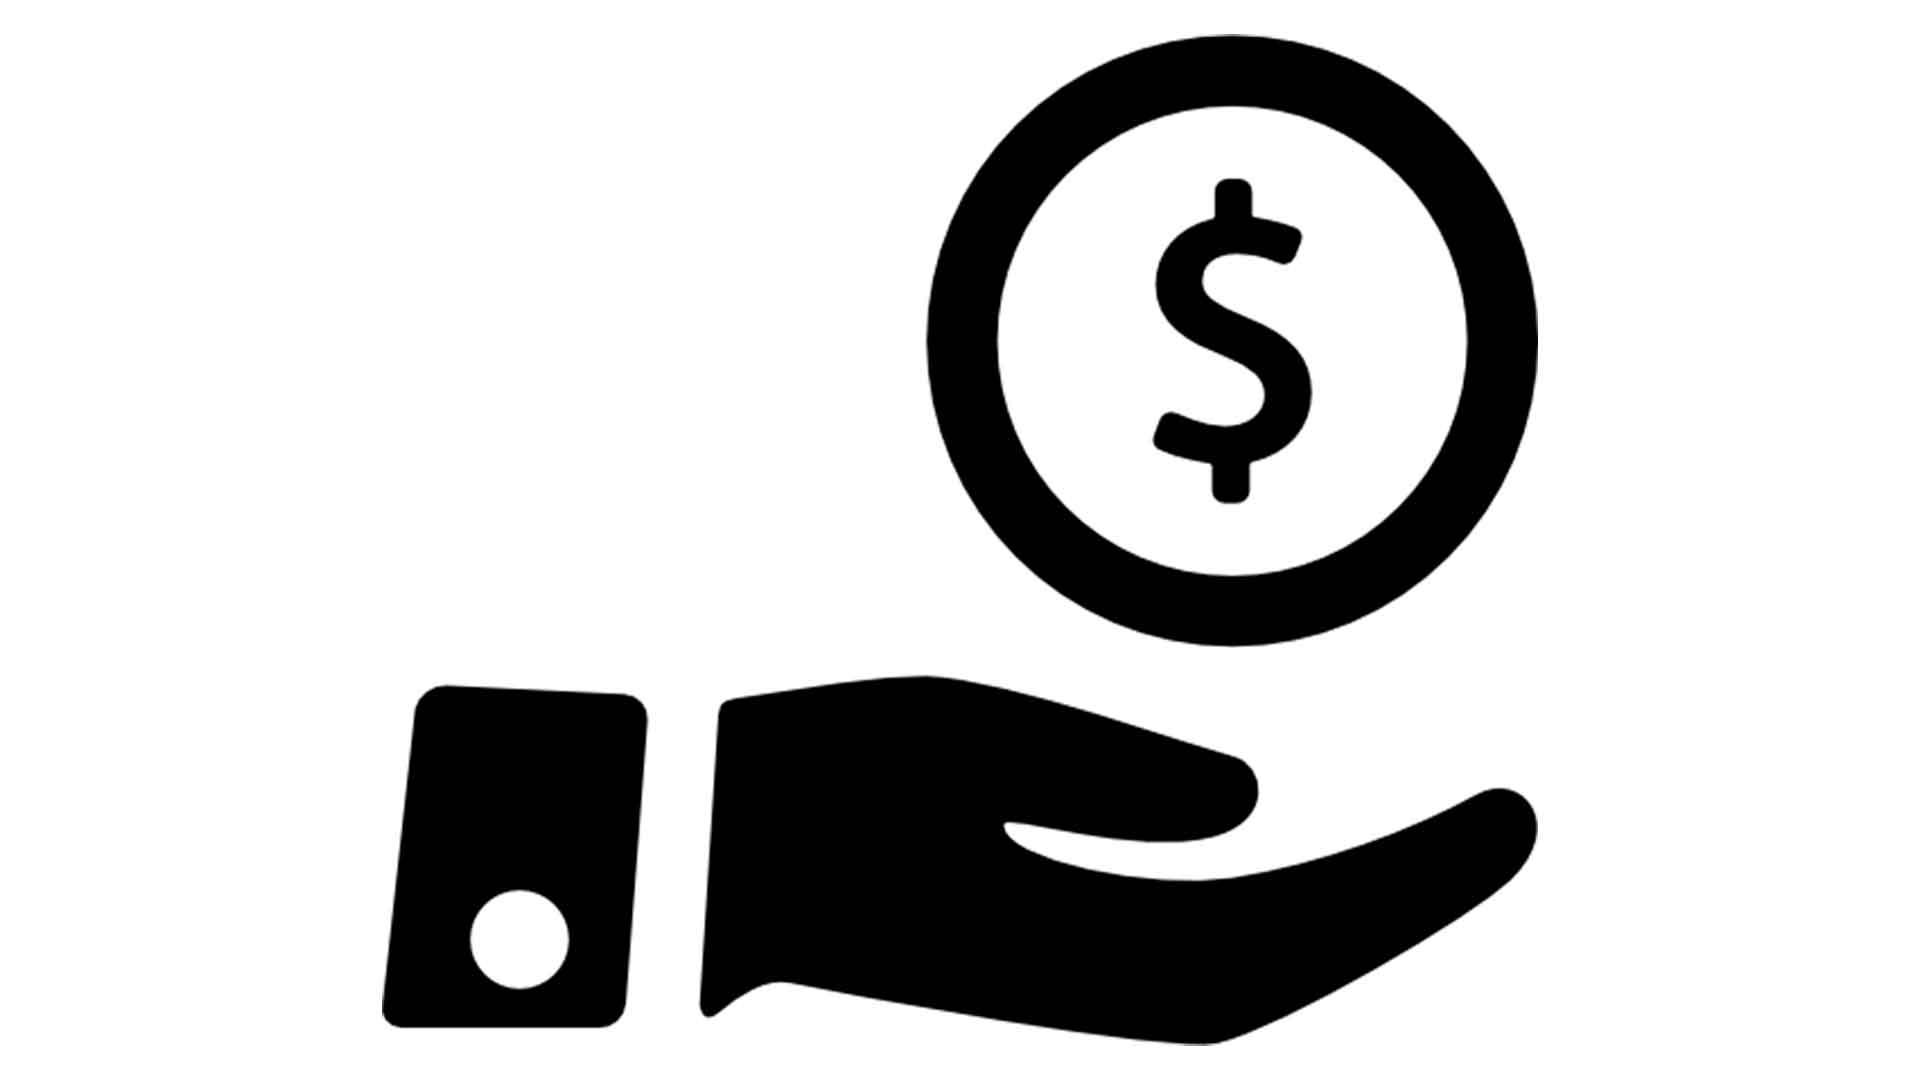 Agencia Sidecar agencia-sidecar-blog-ganar-dinero-con-tendencias-portada ¿Cómo ganar dinero en internet con las modas y tendencias?